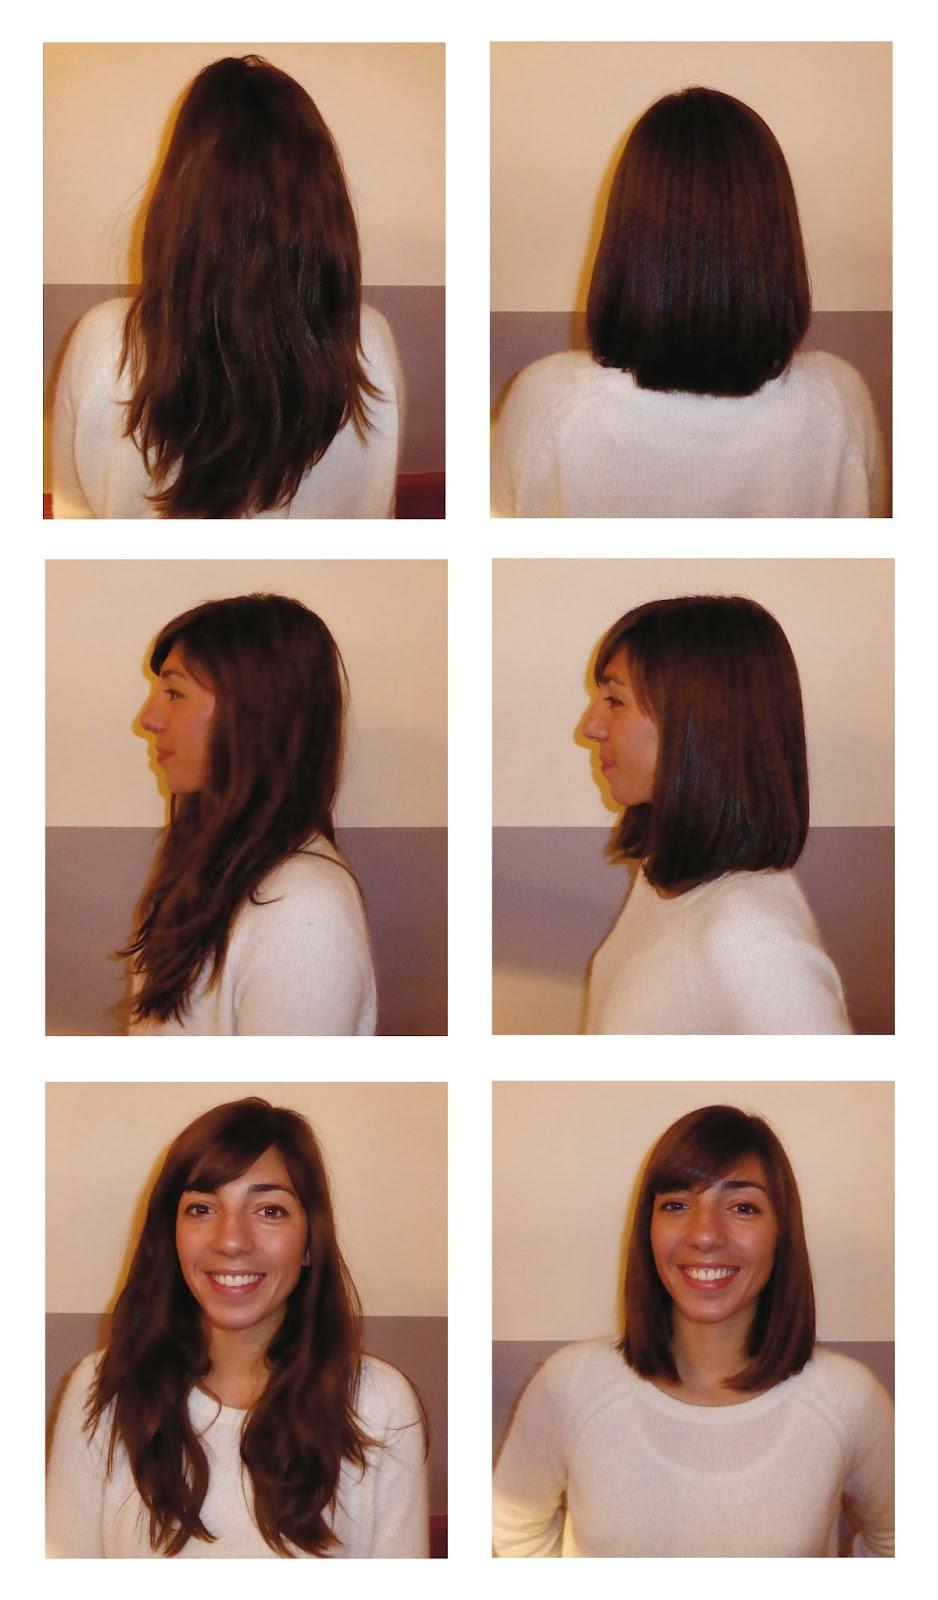 Léa, avant et après sa visite au Studio 54, coupe et brushing réalisés par Eddy, coiffeur visagiste à Montpellier.